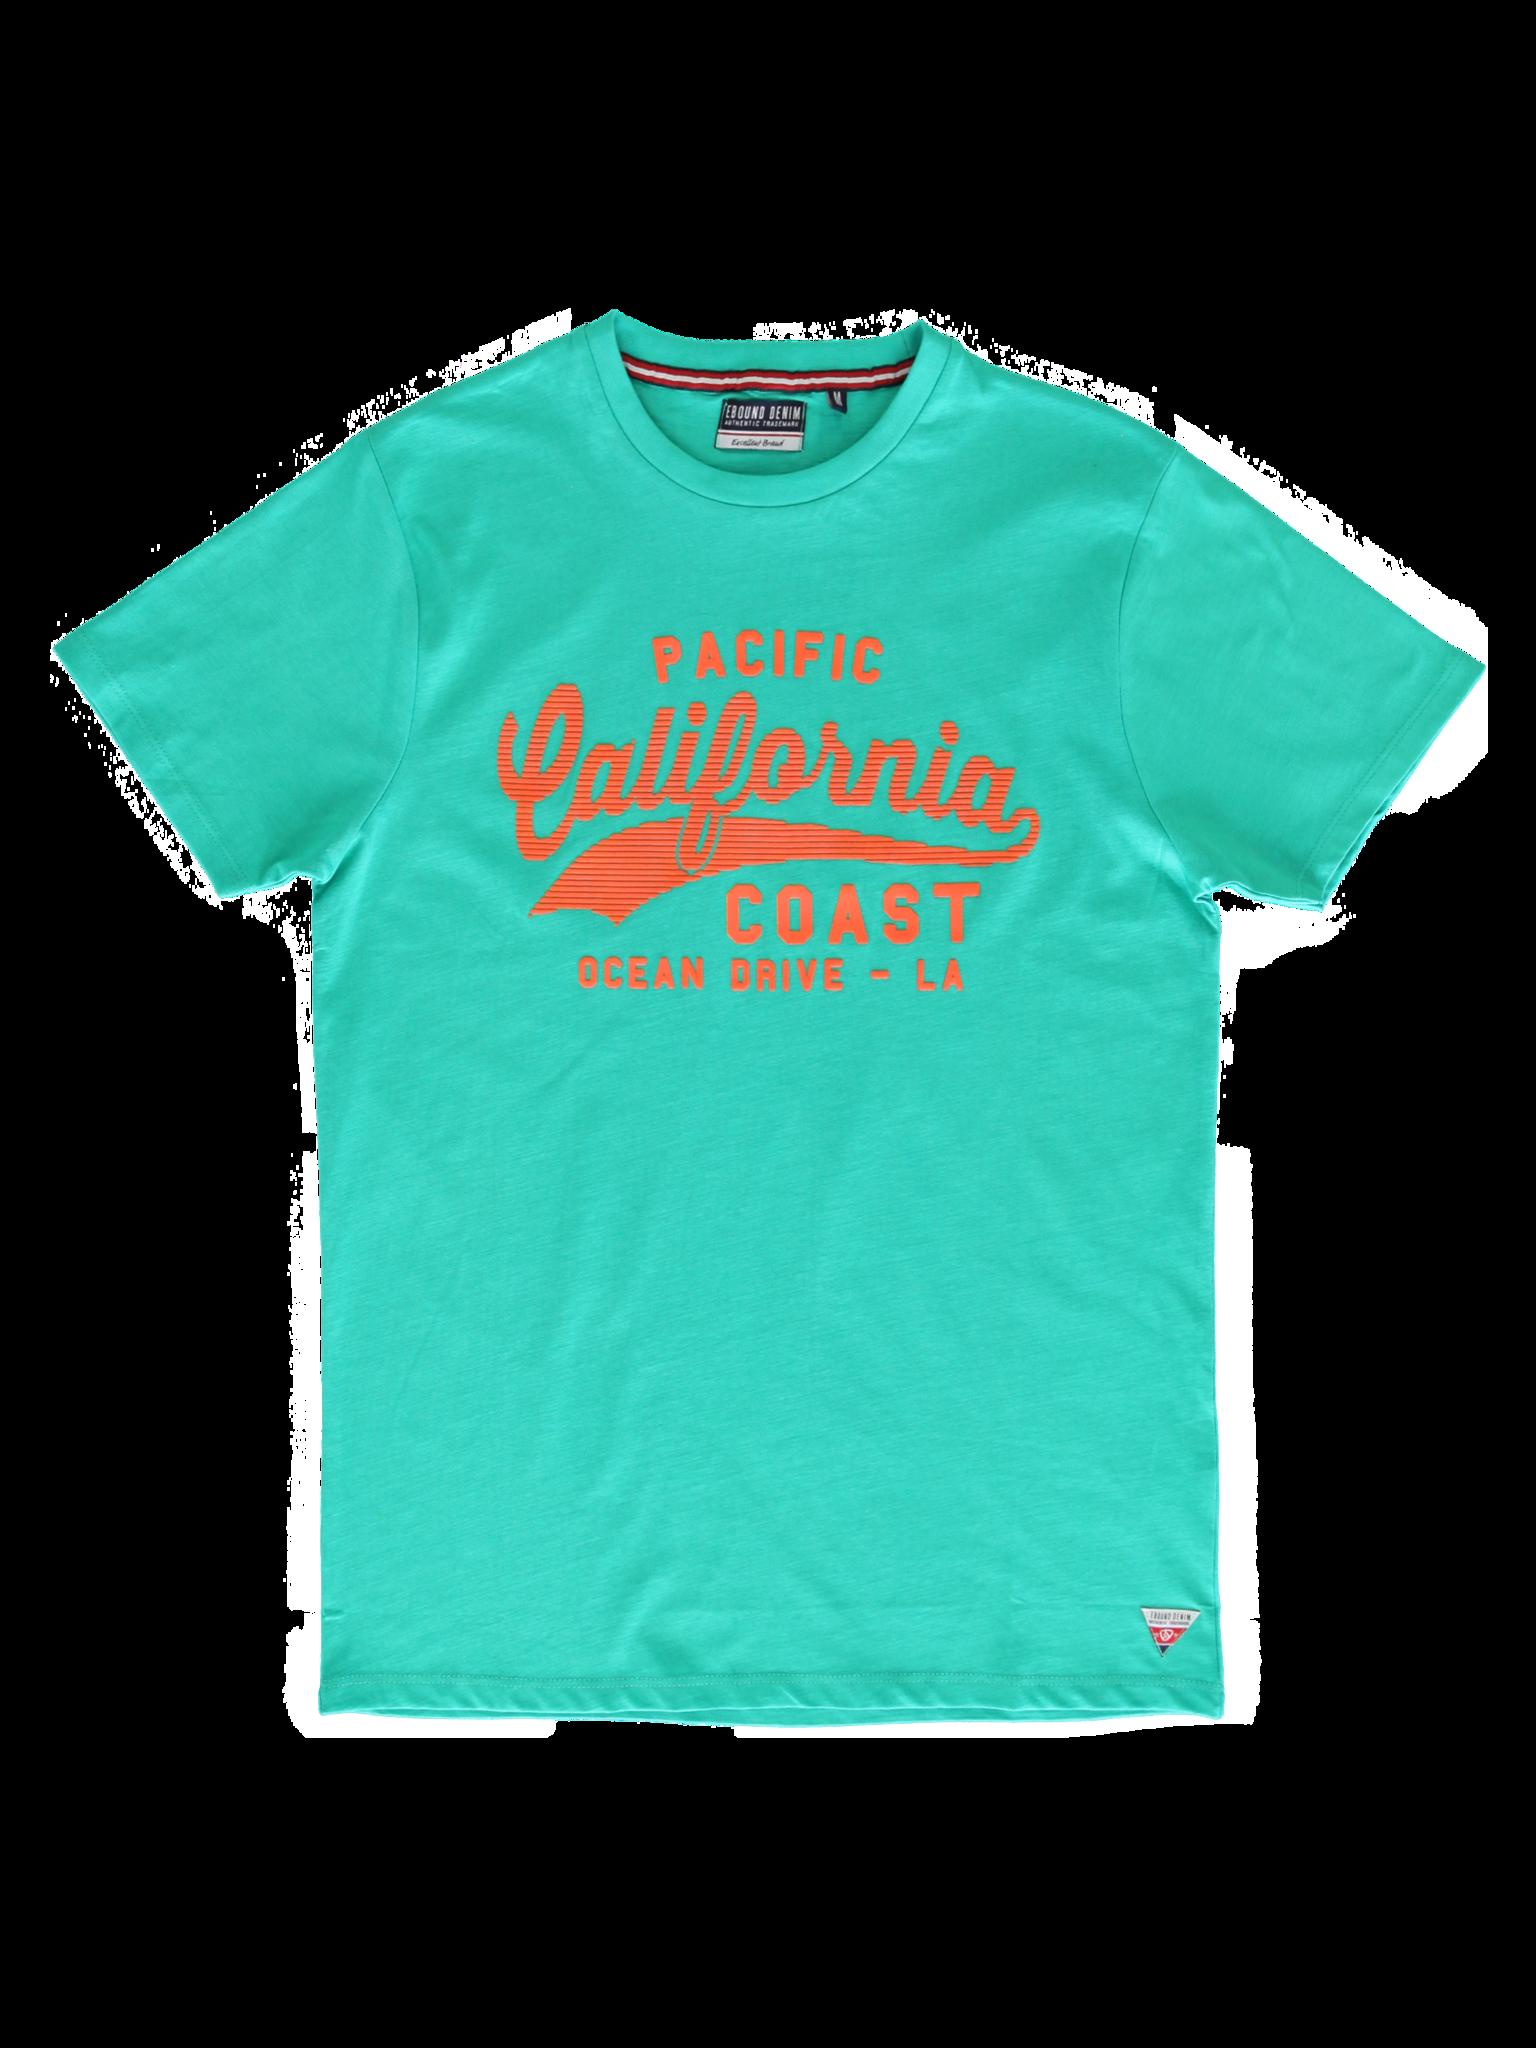 Ebound | Summer 2020 Men | T-shirt | 18 pcs/box